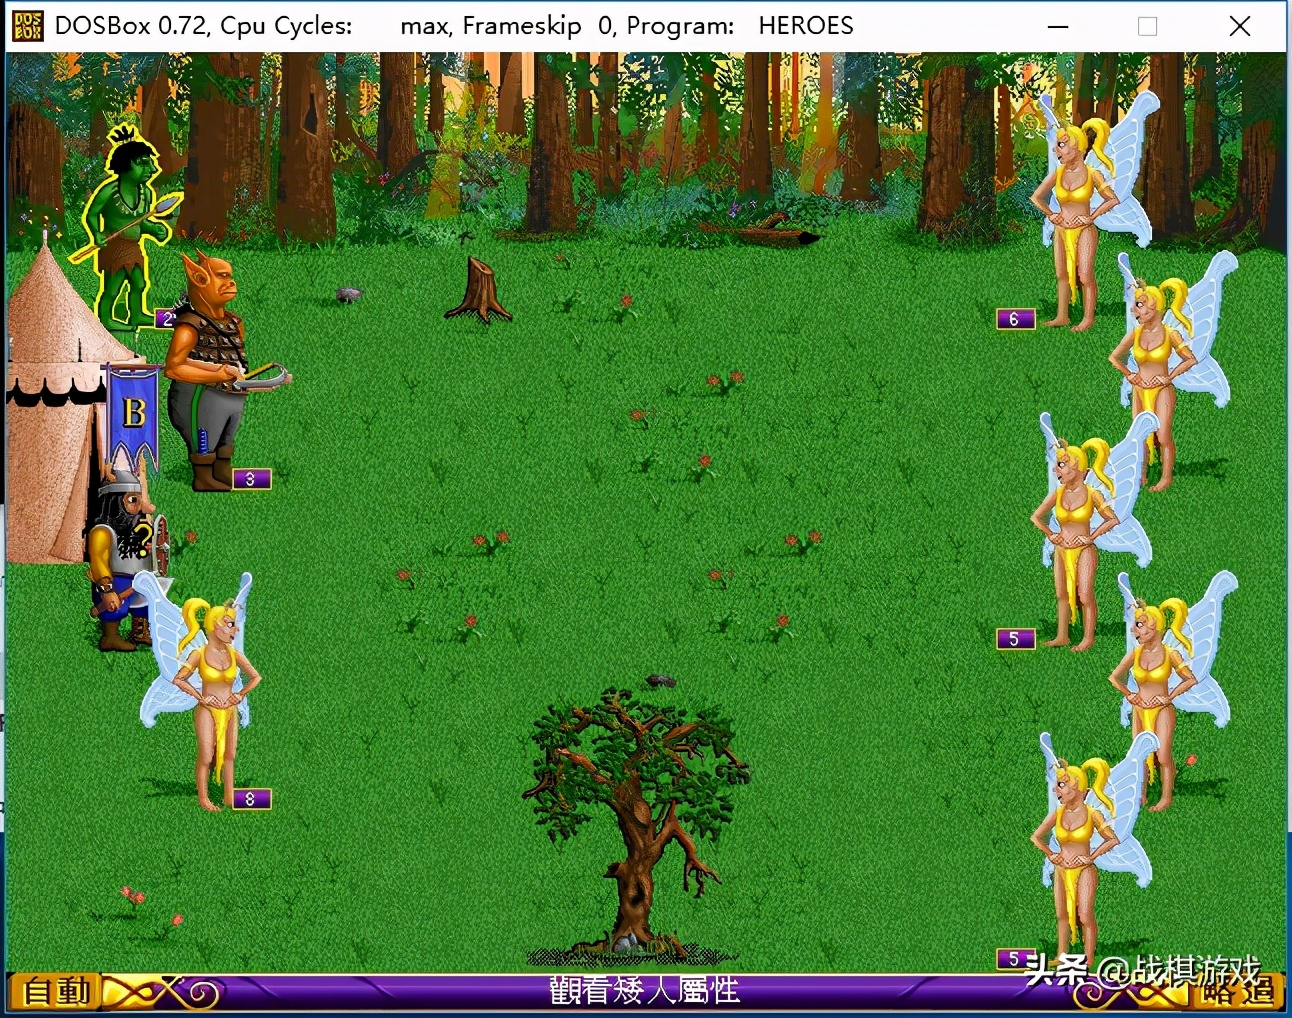 圣战群英传翻开褪色的回忆,游戏玩法要求寸土必争